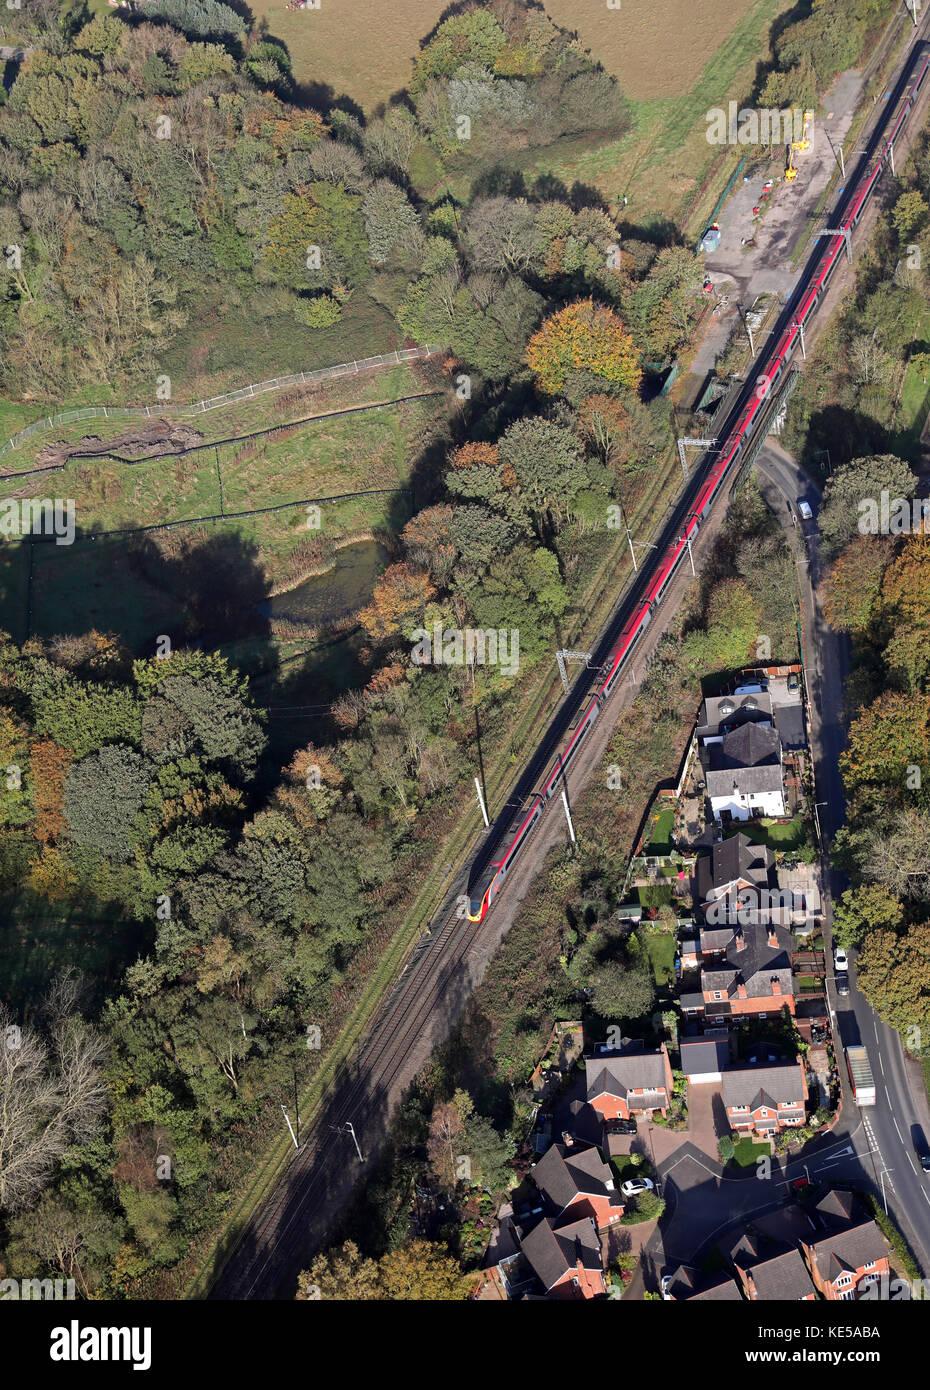 Vue aérienne d'une Virgin Trains train InterCity sur la ligne de la côte ouest, England, UK Banque D'Images